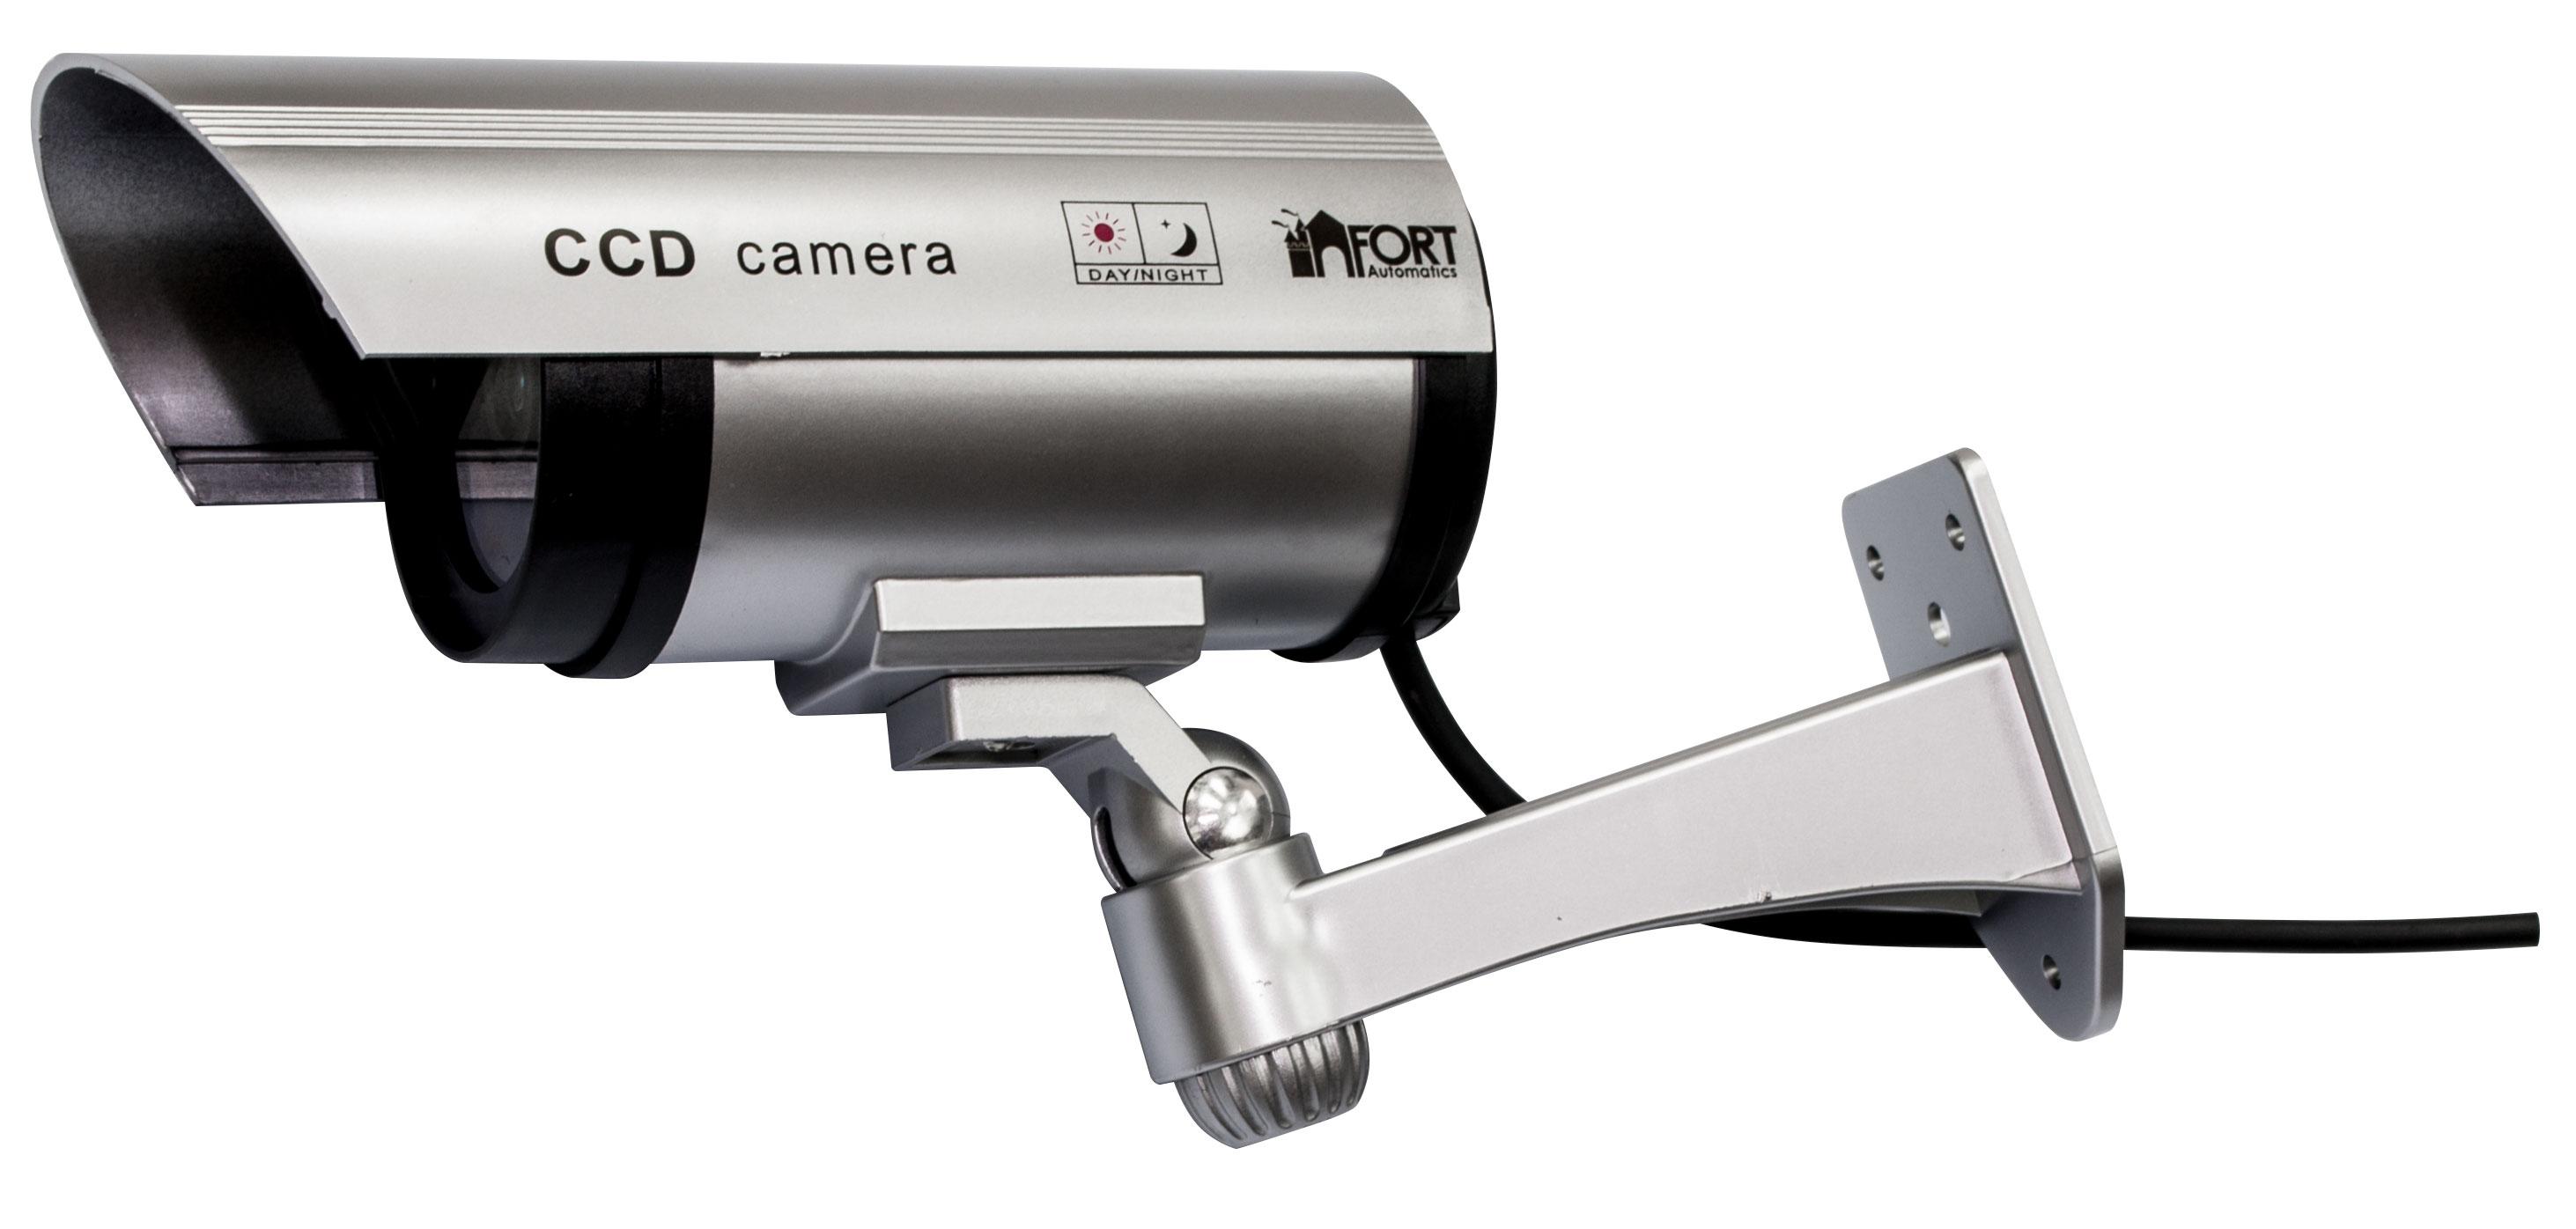 Фальш-камера Fort automatics Dc-027 от 220 Вольт